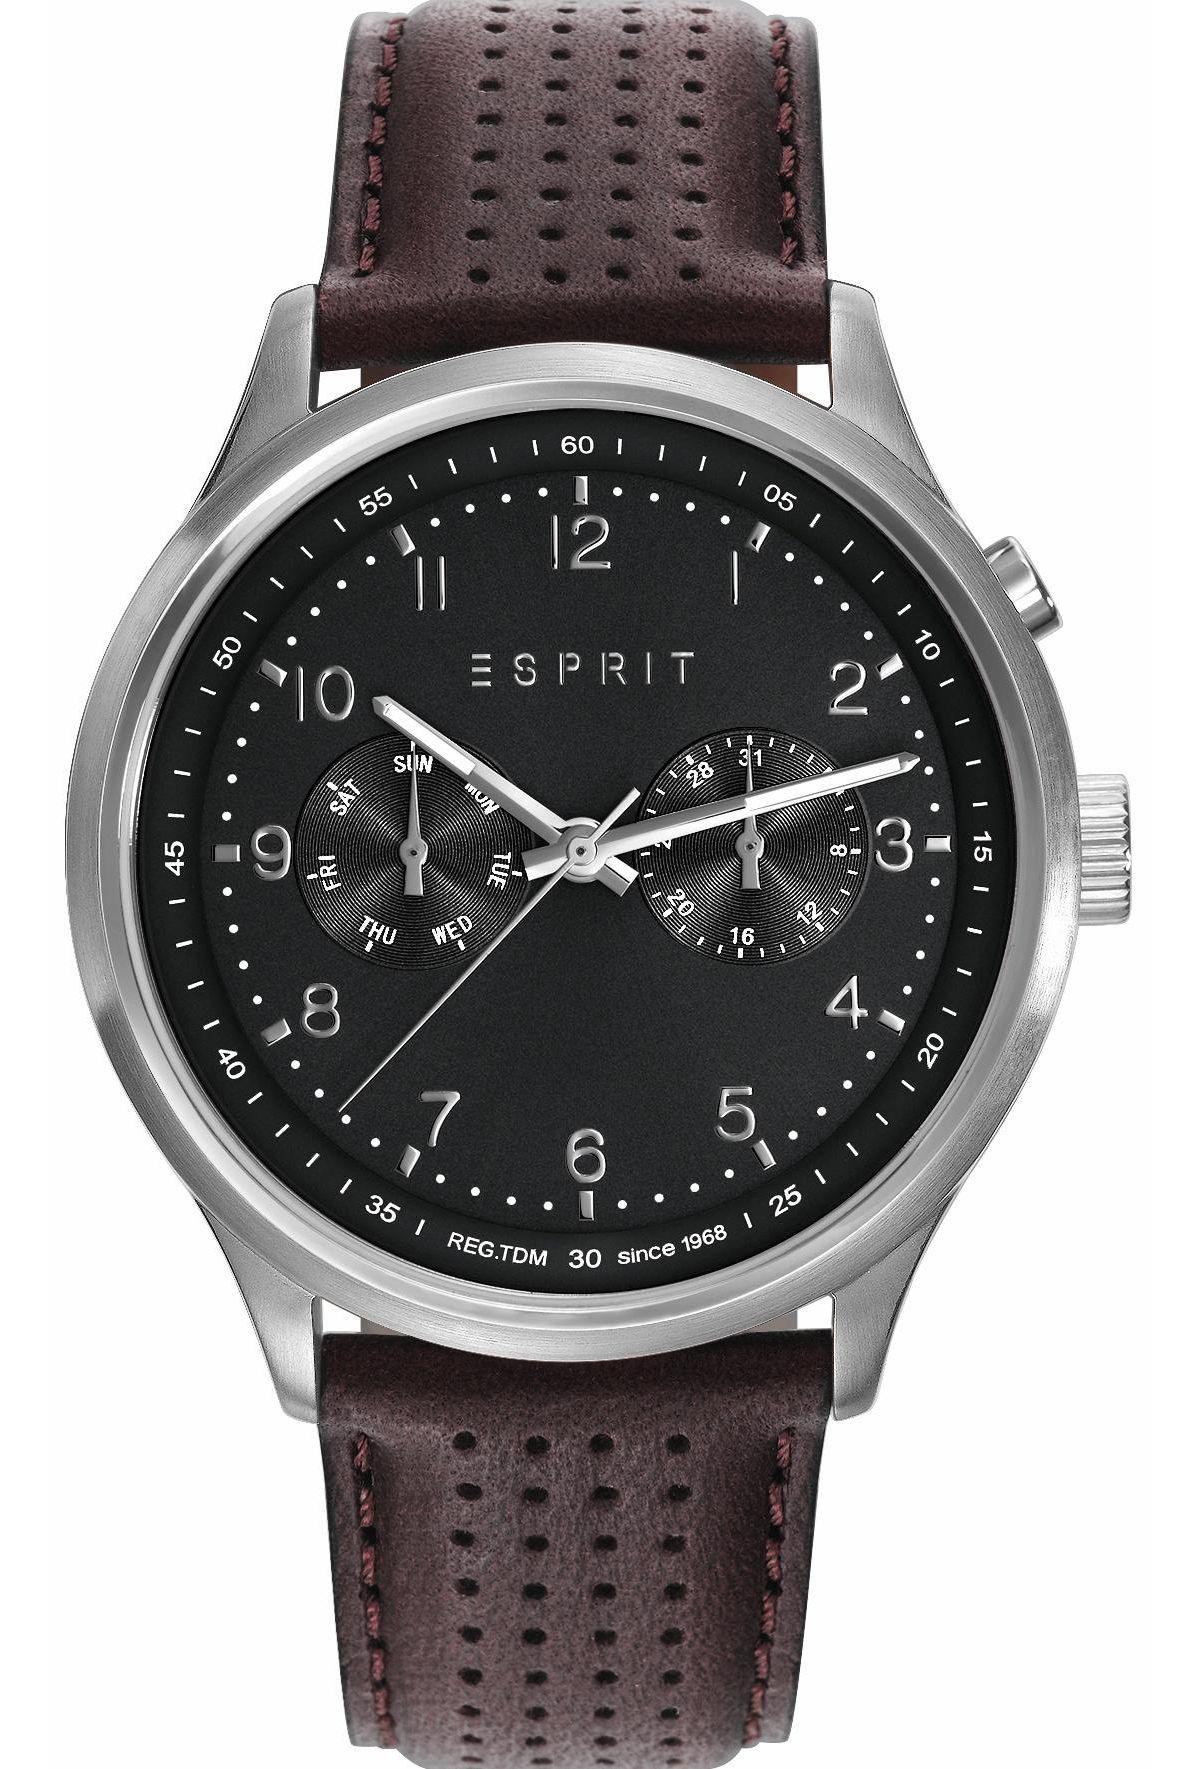 Esprit Multifunktionsuhr »ESPRIT-TP10945 BLACK, ES109451002« von Schwab Versand in black - Schwarz für 129,90€